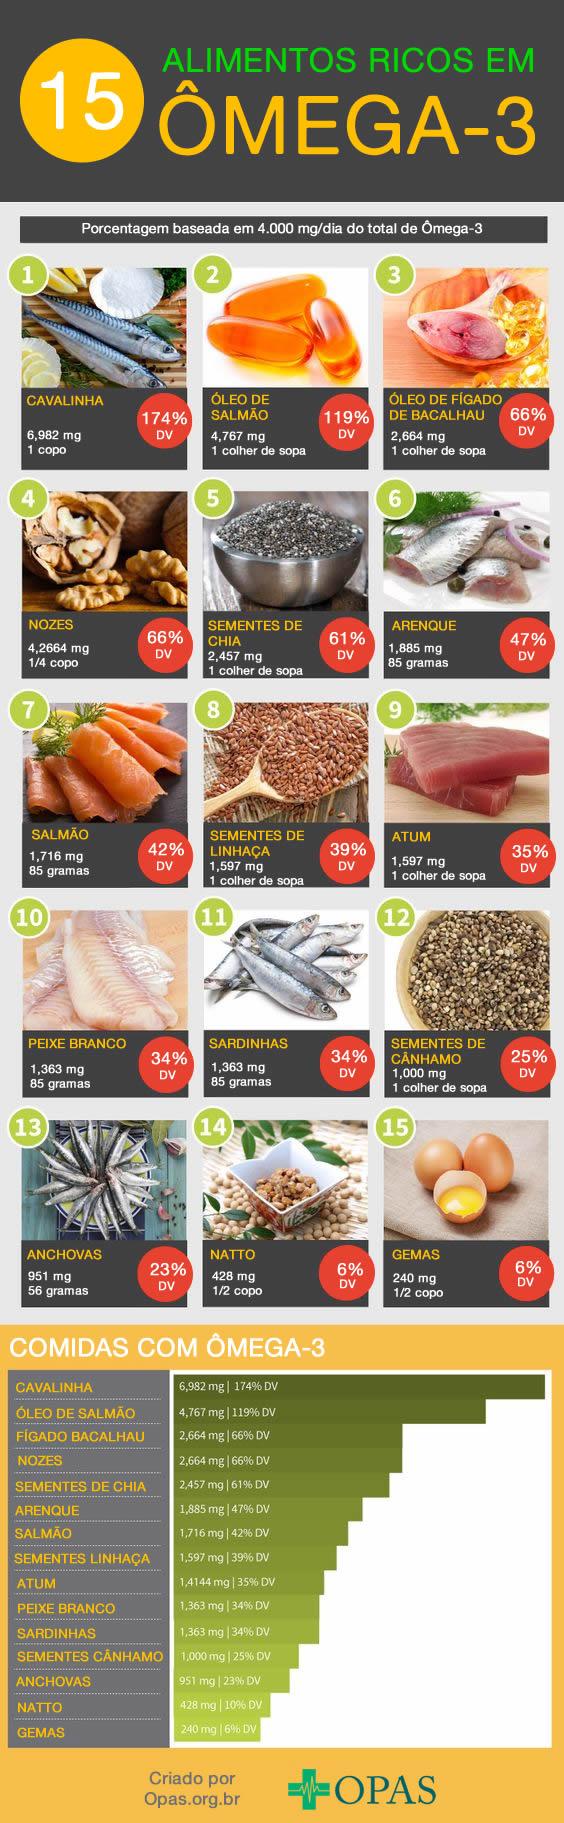 Infográfico Alimentos Ricos em Ômega-3